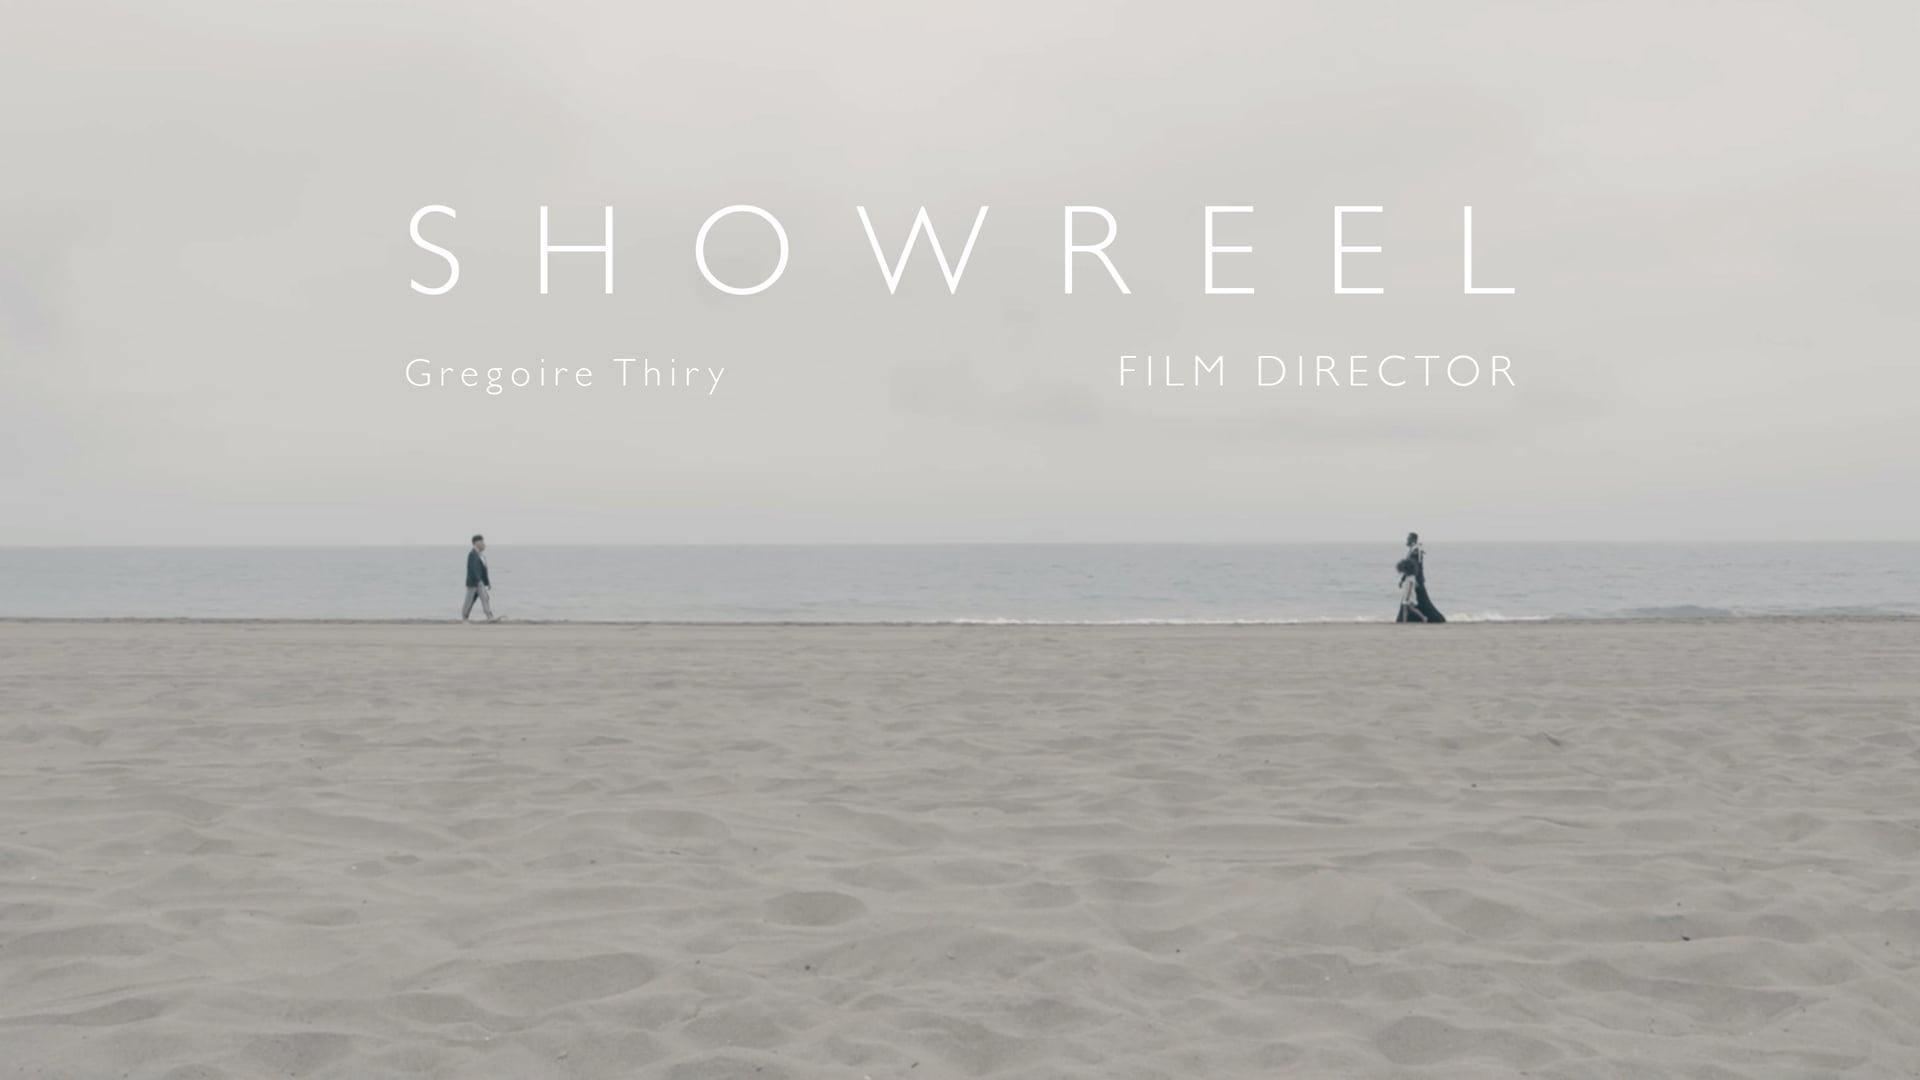 Showreel Gregoire Thiry - Film Director